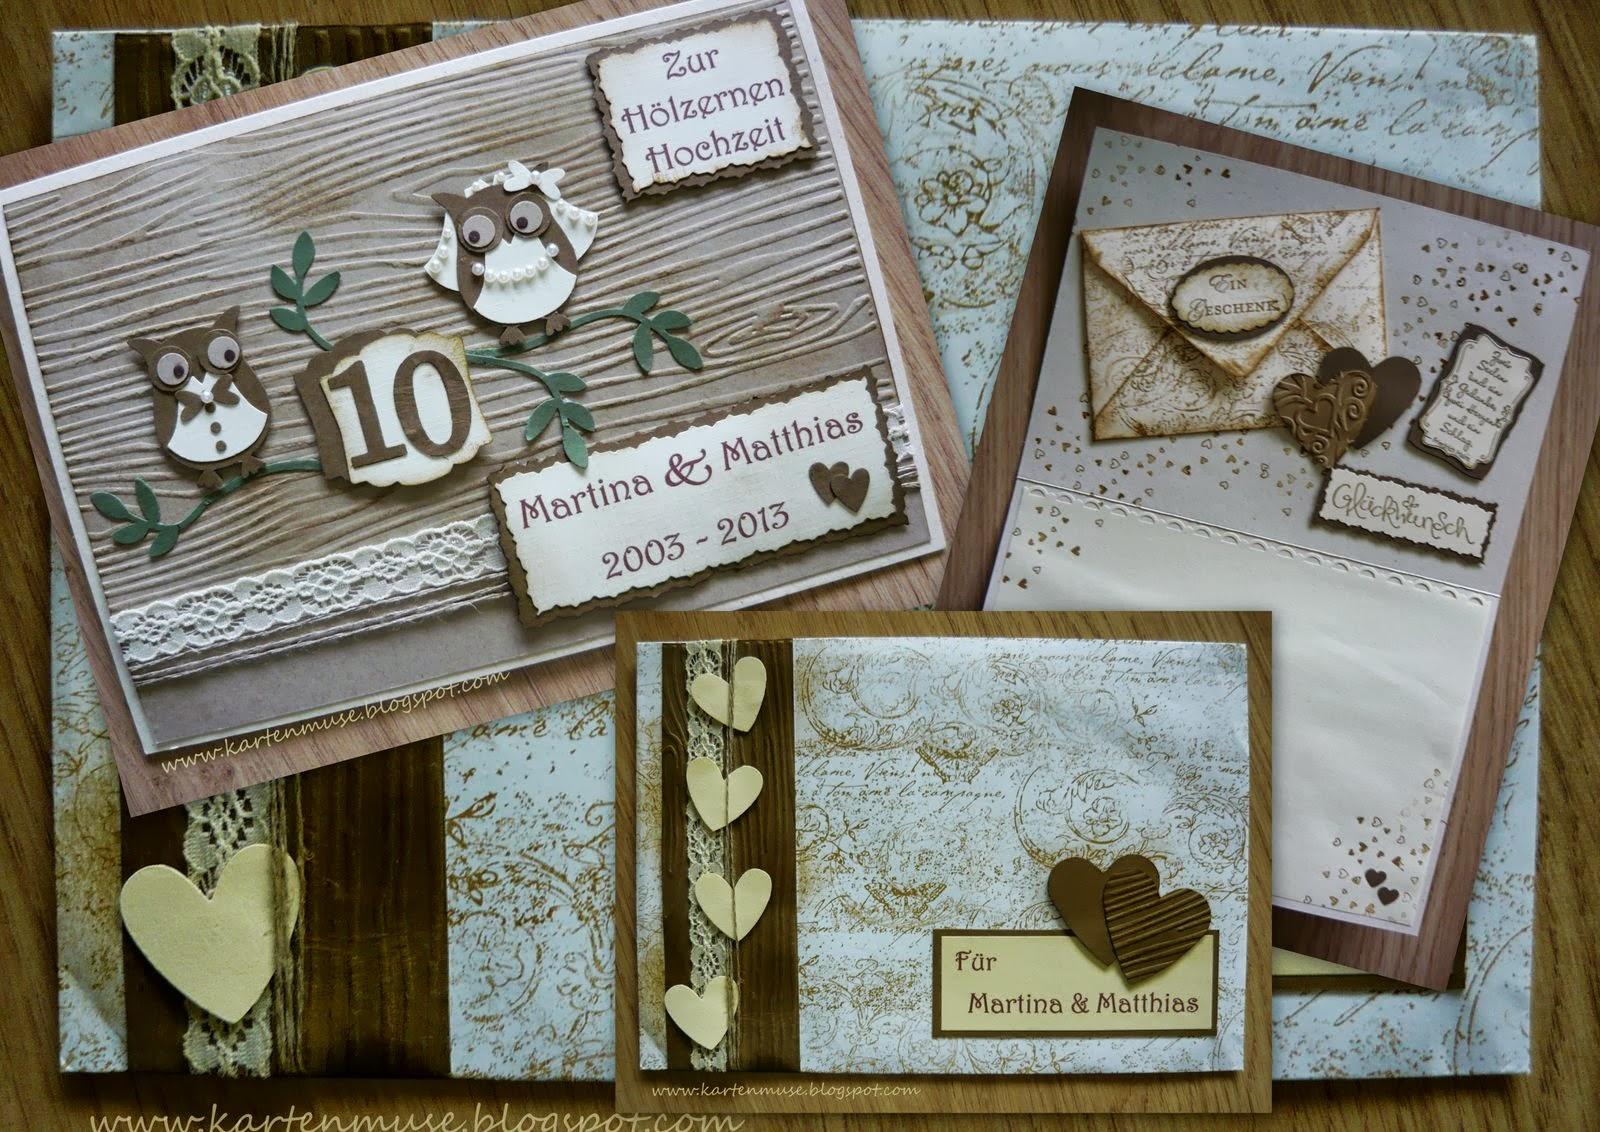 Kartenzauber Und Schachtelträume: Hölzerne Hochzeit, Einladung